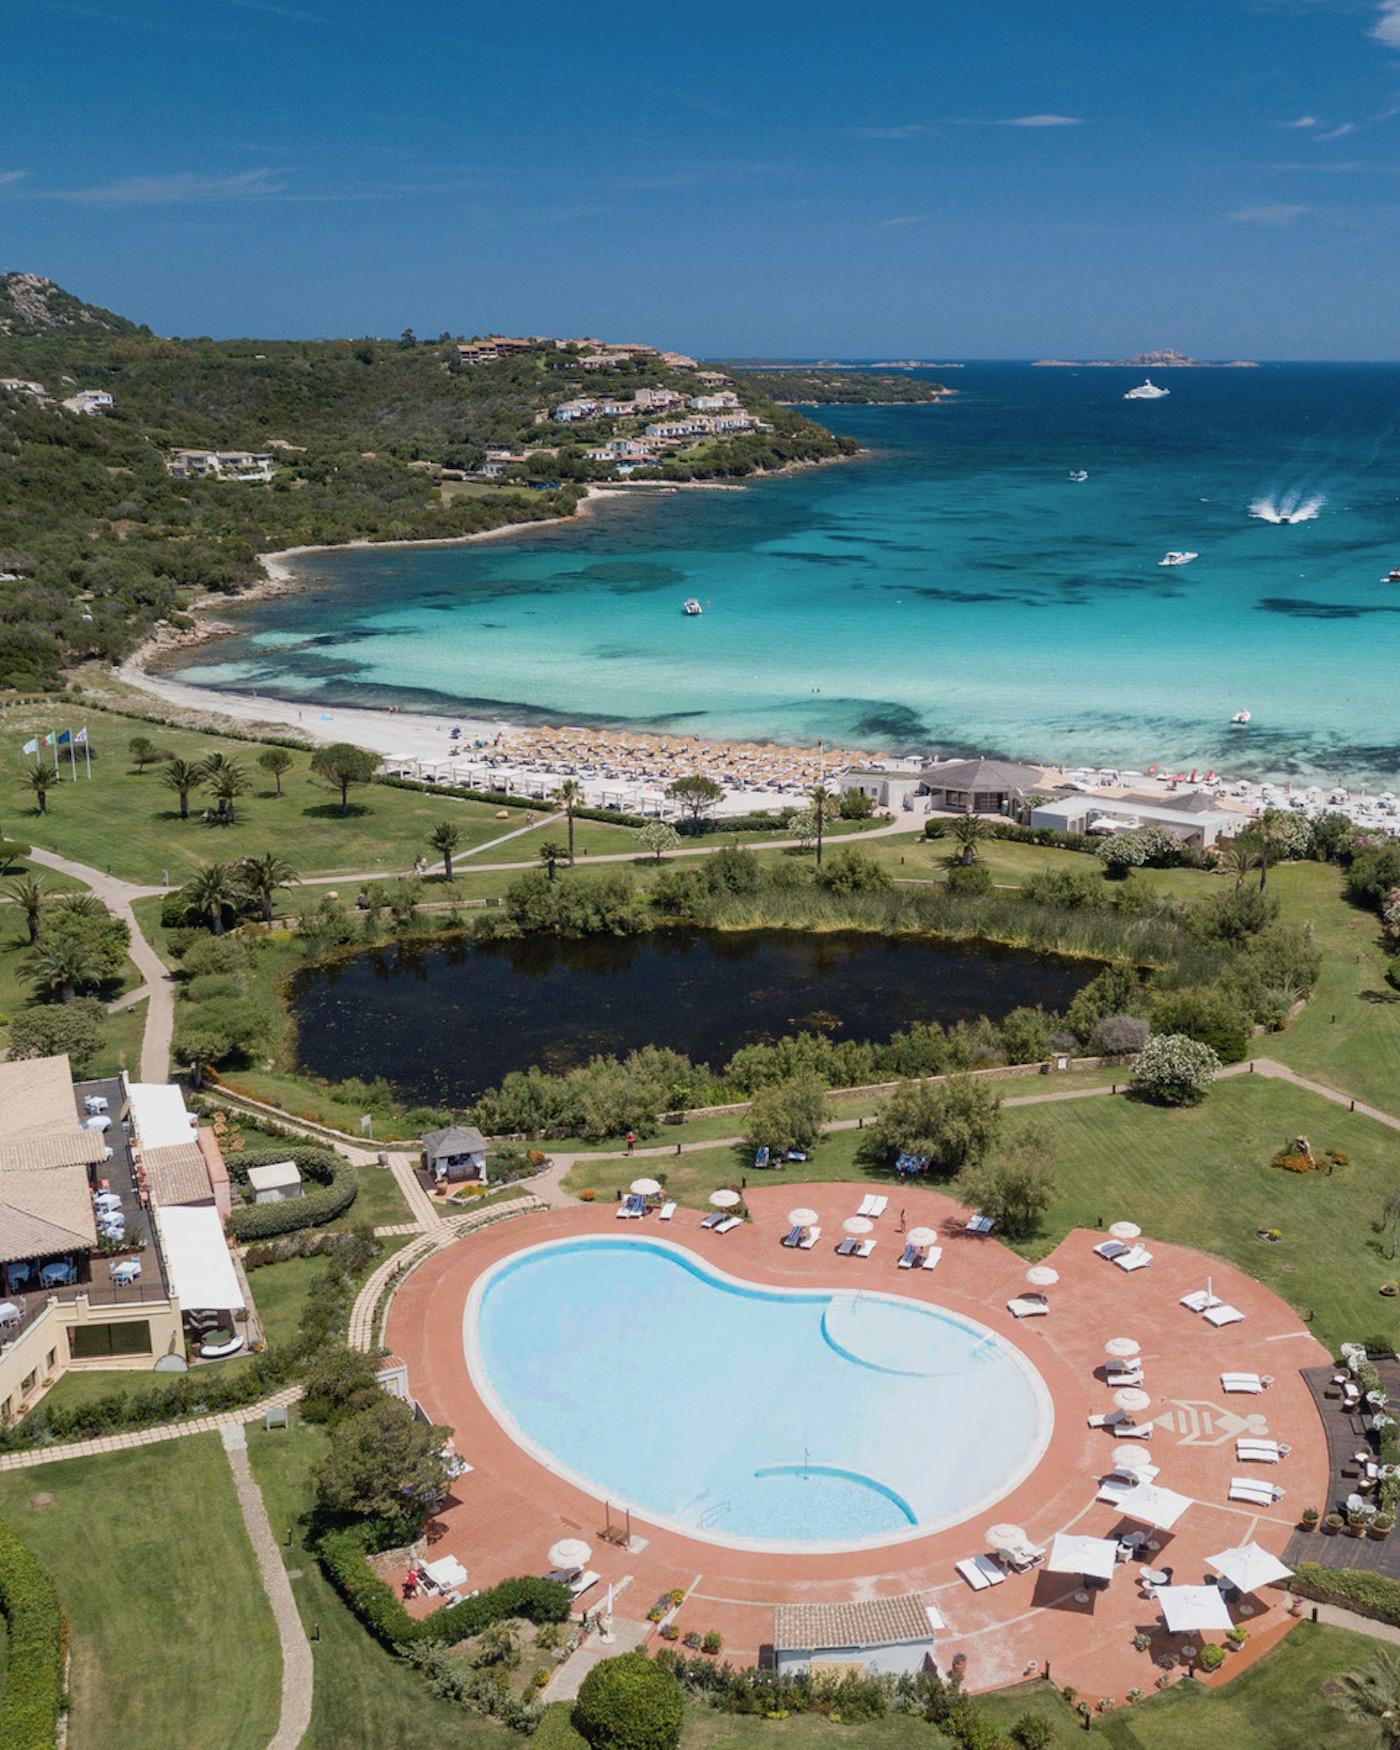 Vista aerea dell'Abi d'Oru Hotel & Spa